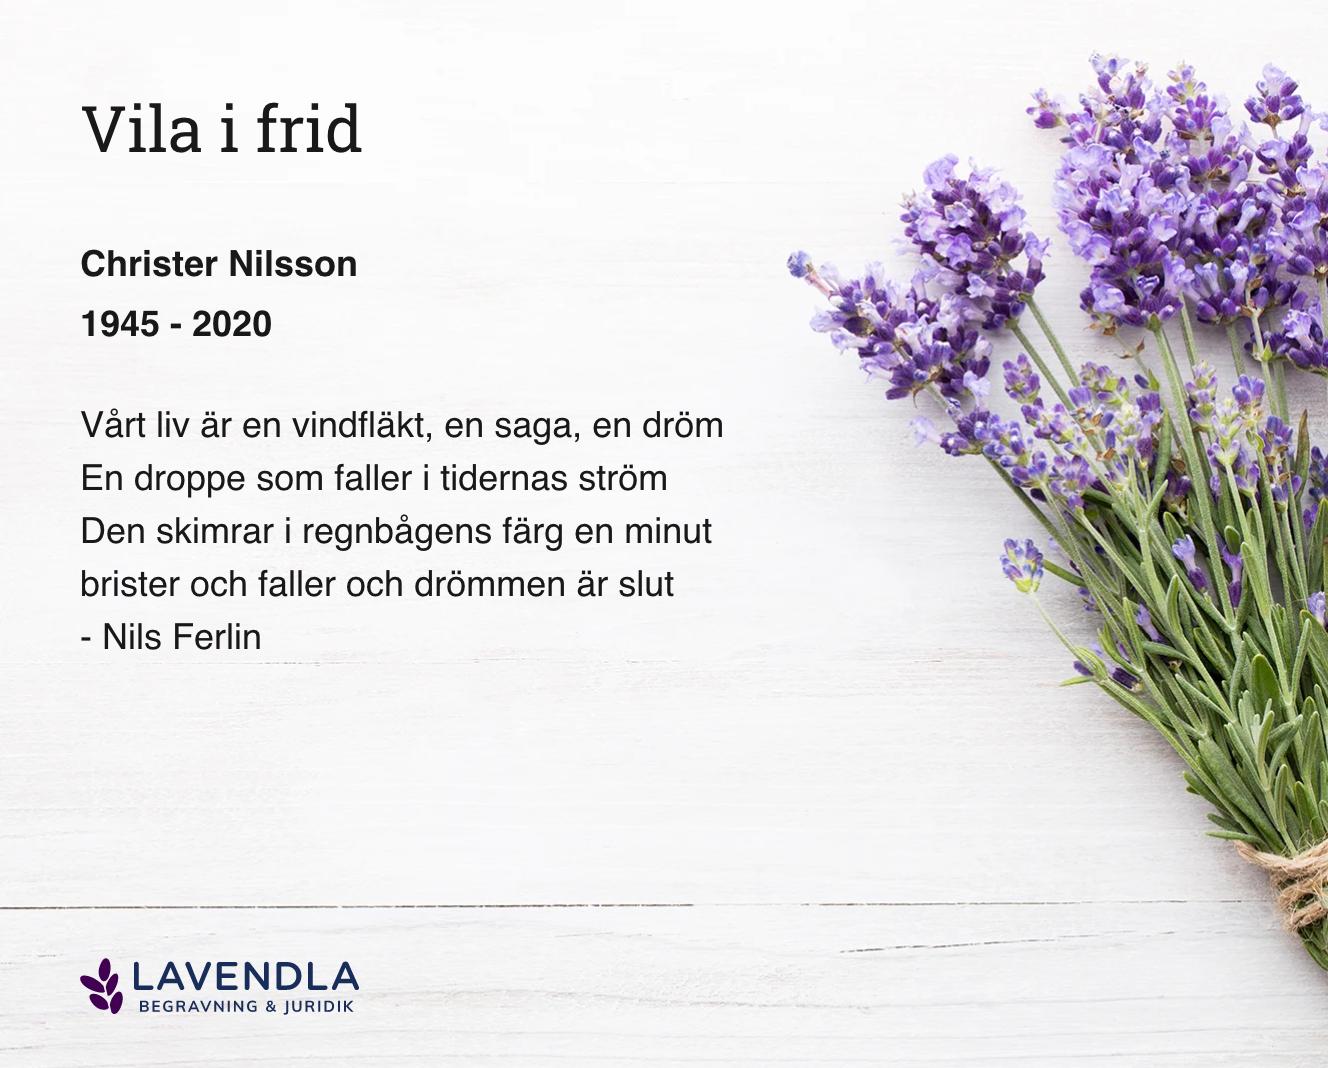 Inbjudningskort till ceremonin för Christer Nilsson